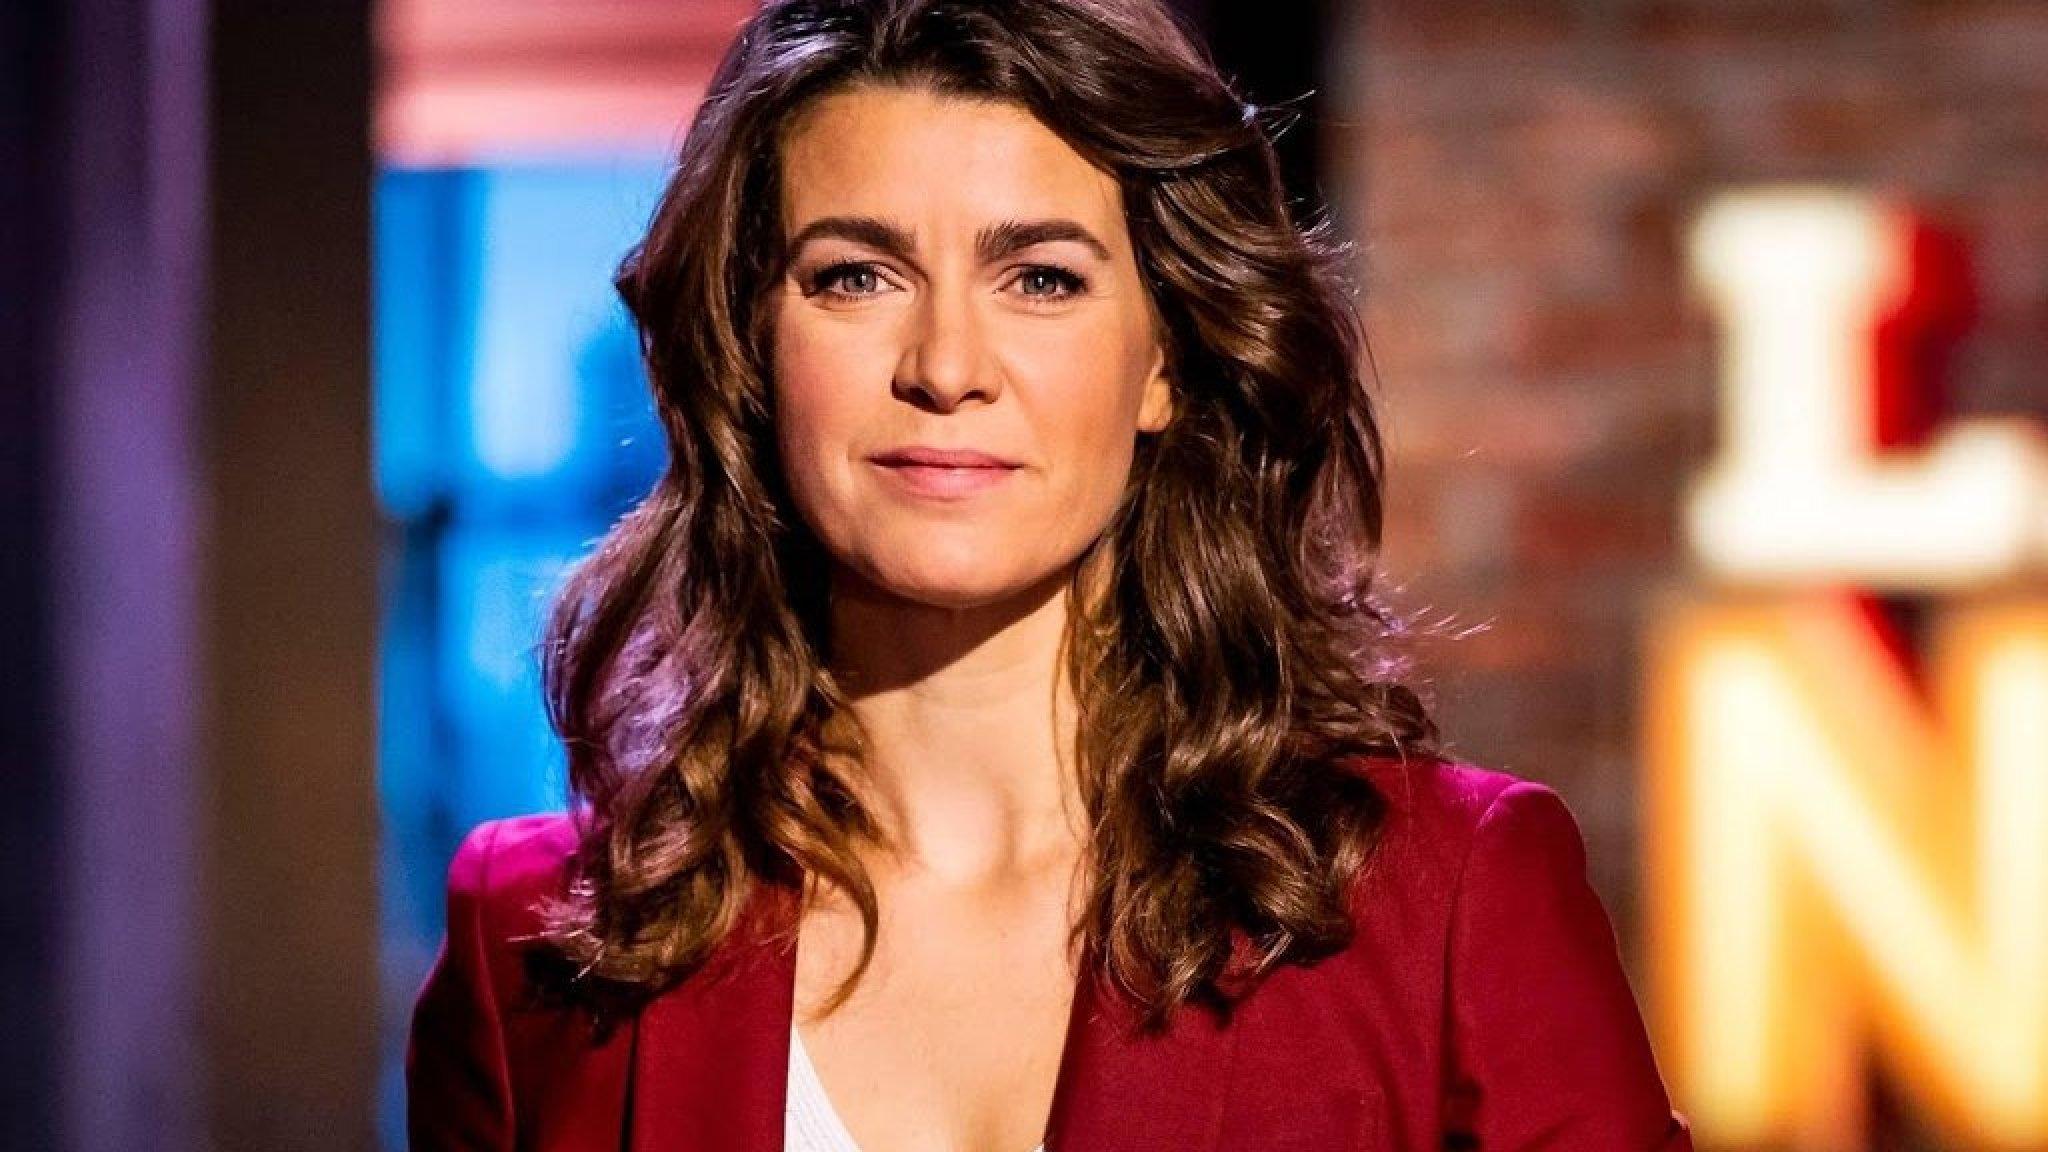 Gleuf-sticker Merel Westrik wordt nu al bijgedrukt - RTL Nieuws